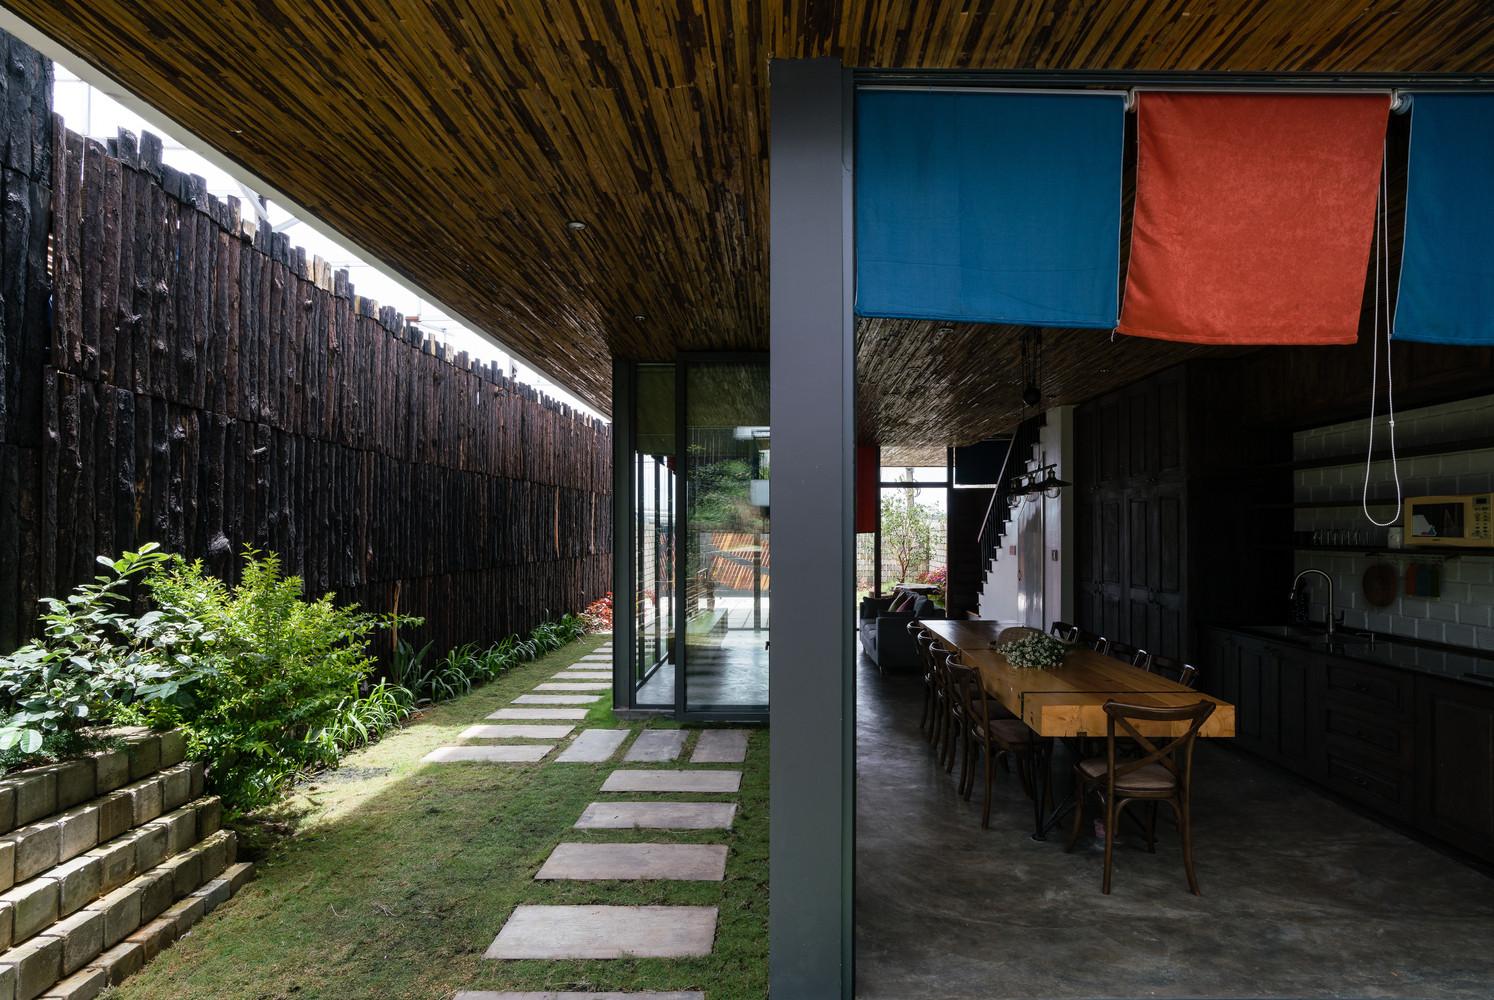 Gỗ cây nhỏ được sử dụng làm vật liệu chính để xây dựng căn nhà